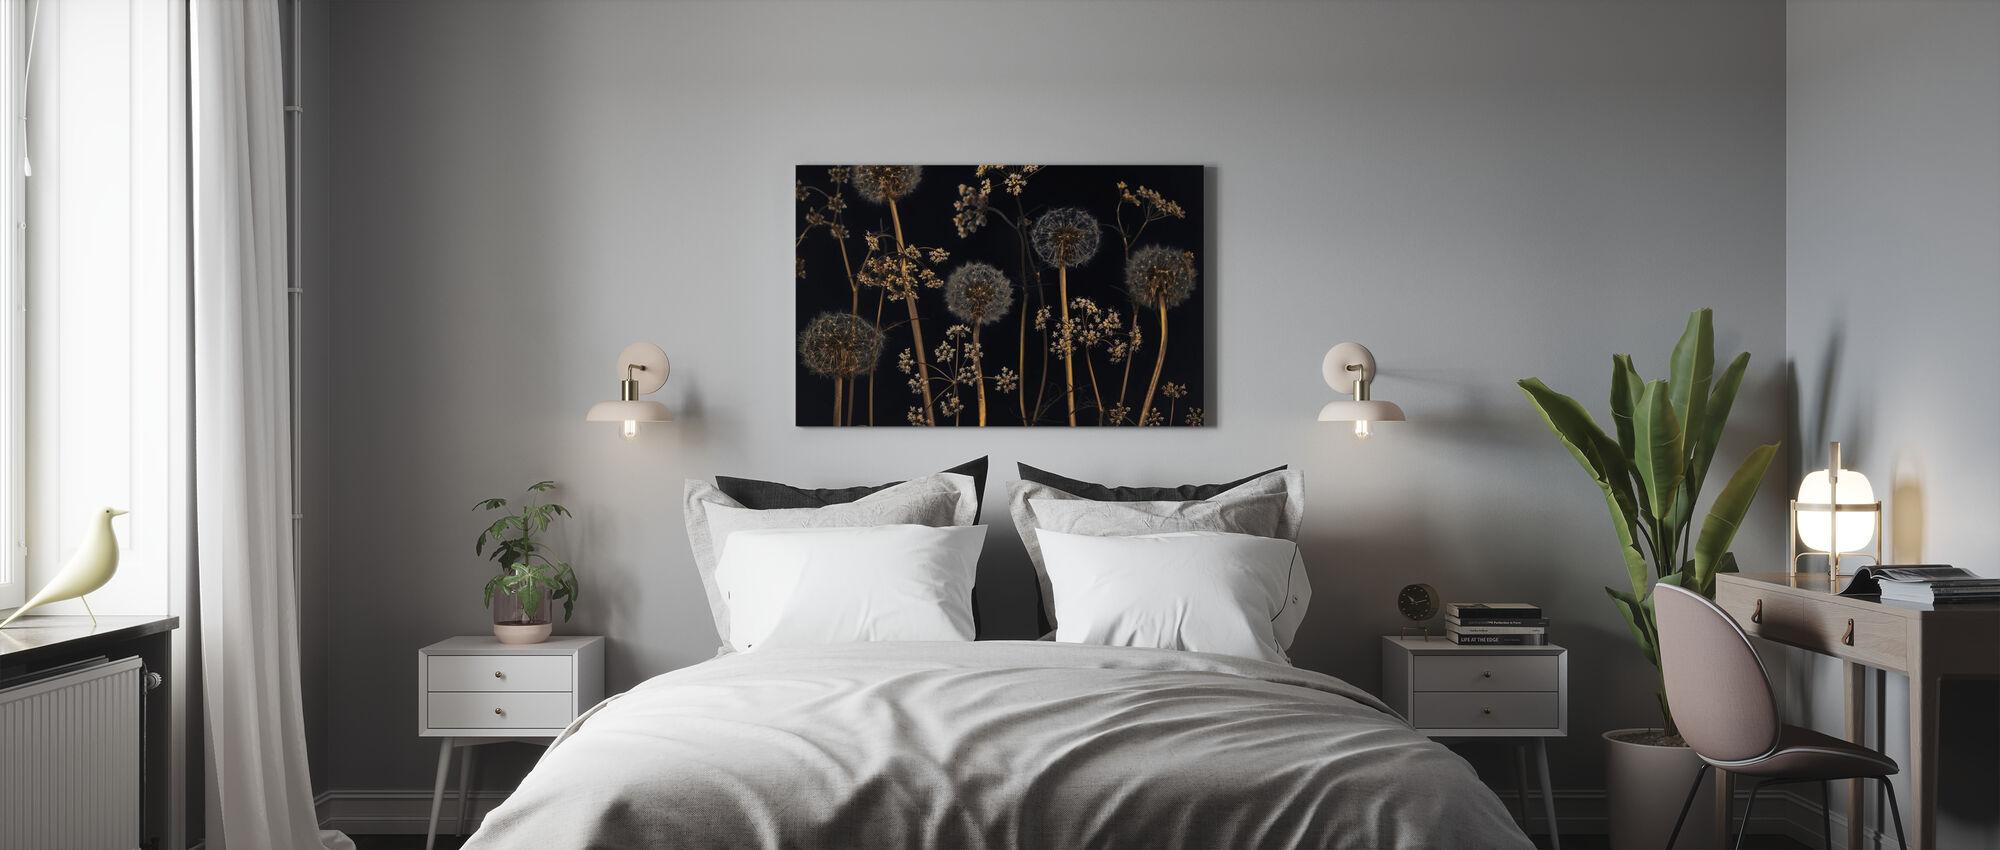 Meadow Flowers - Black - Canvas print - Bedroom